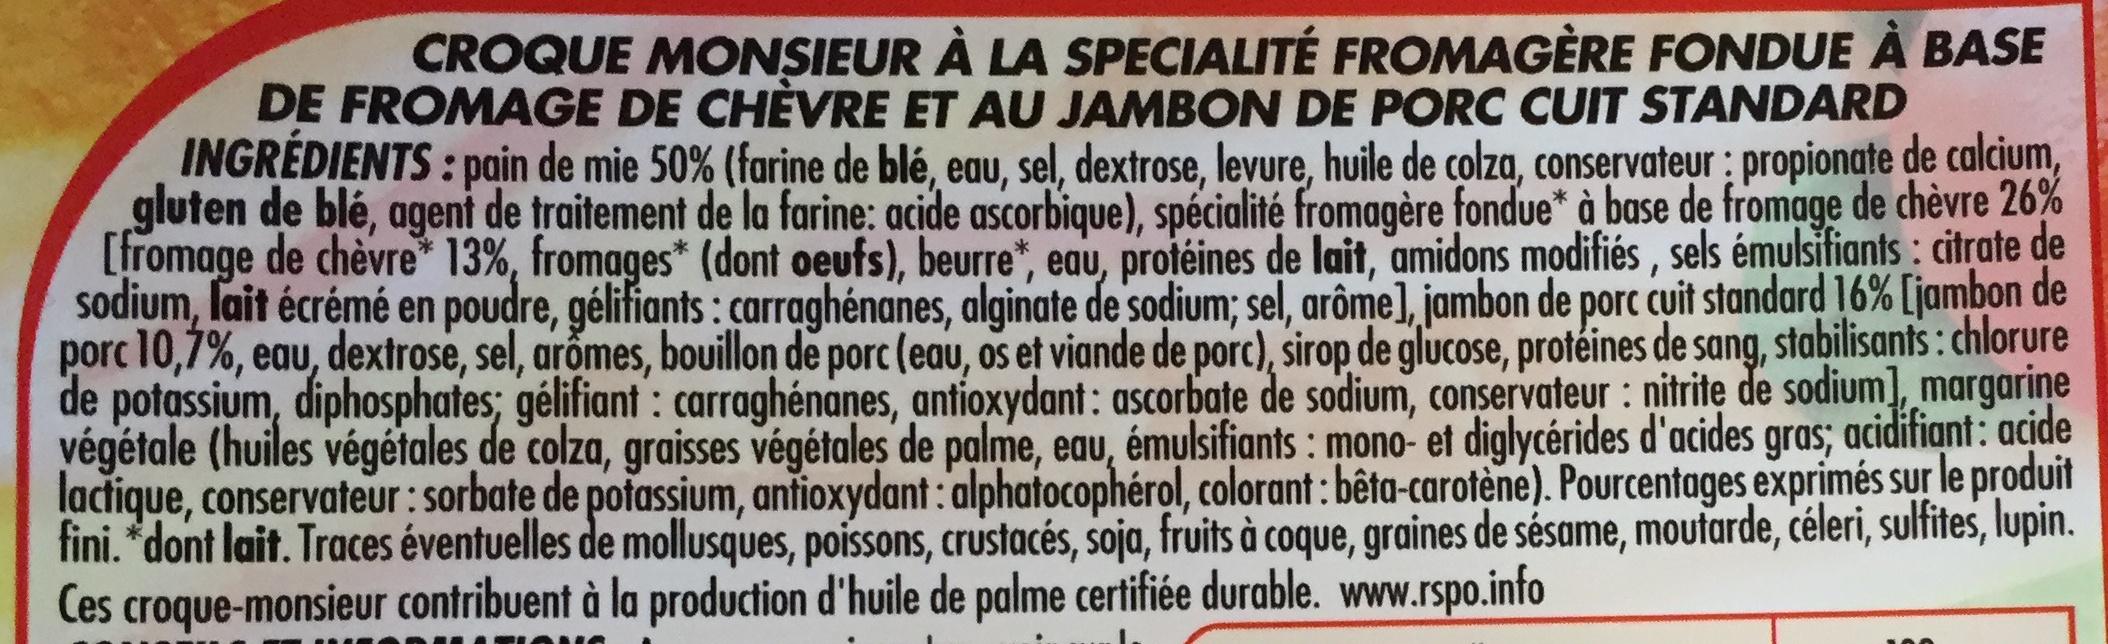 Croc' Monsieur Jambon Chèvre - Ingrediënten - fr